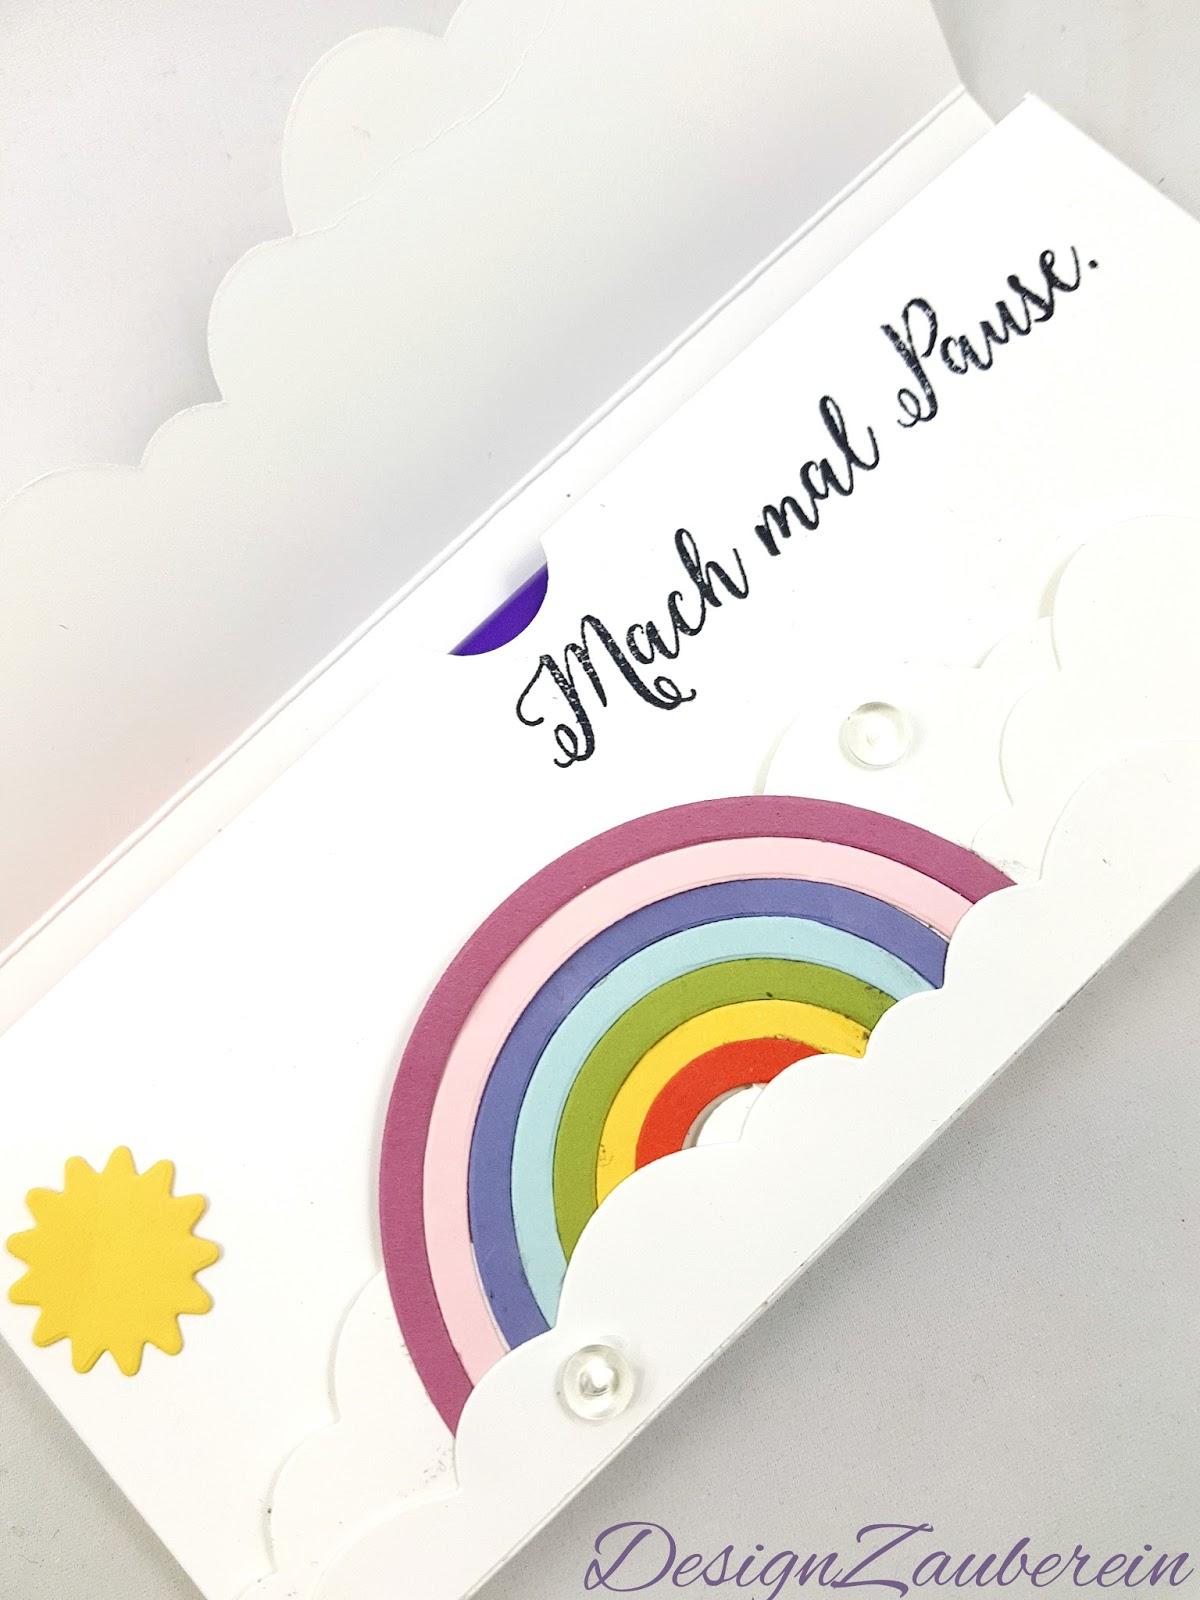 Farben Regenbogen Spruch Farben 2020 03 14